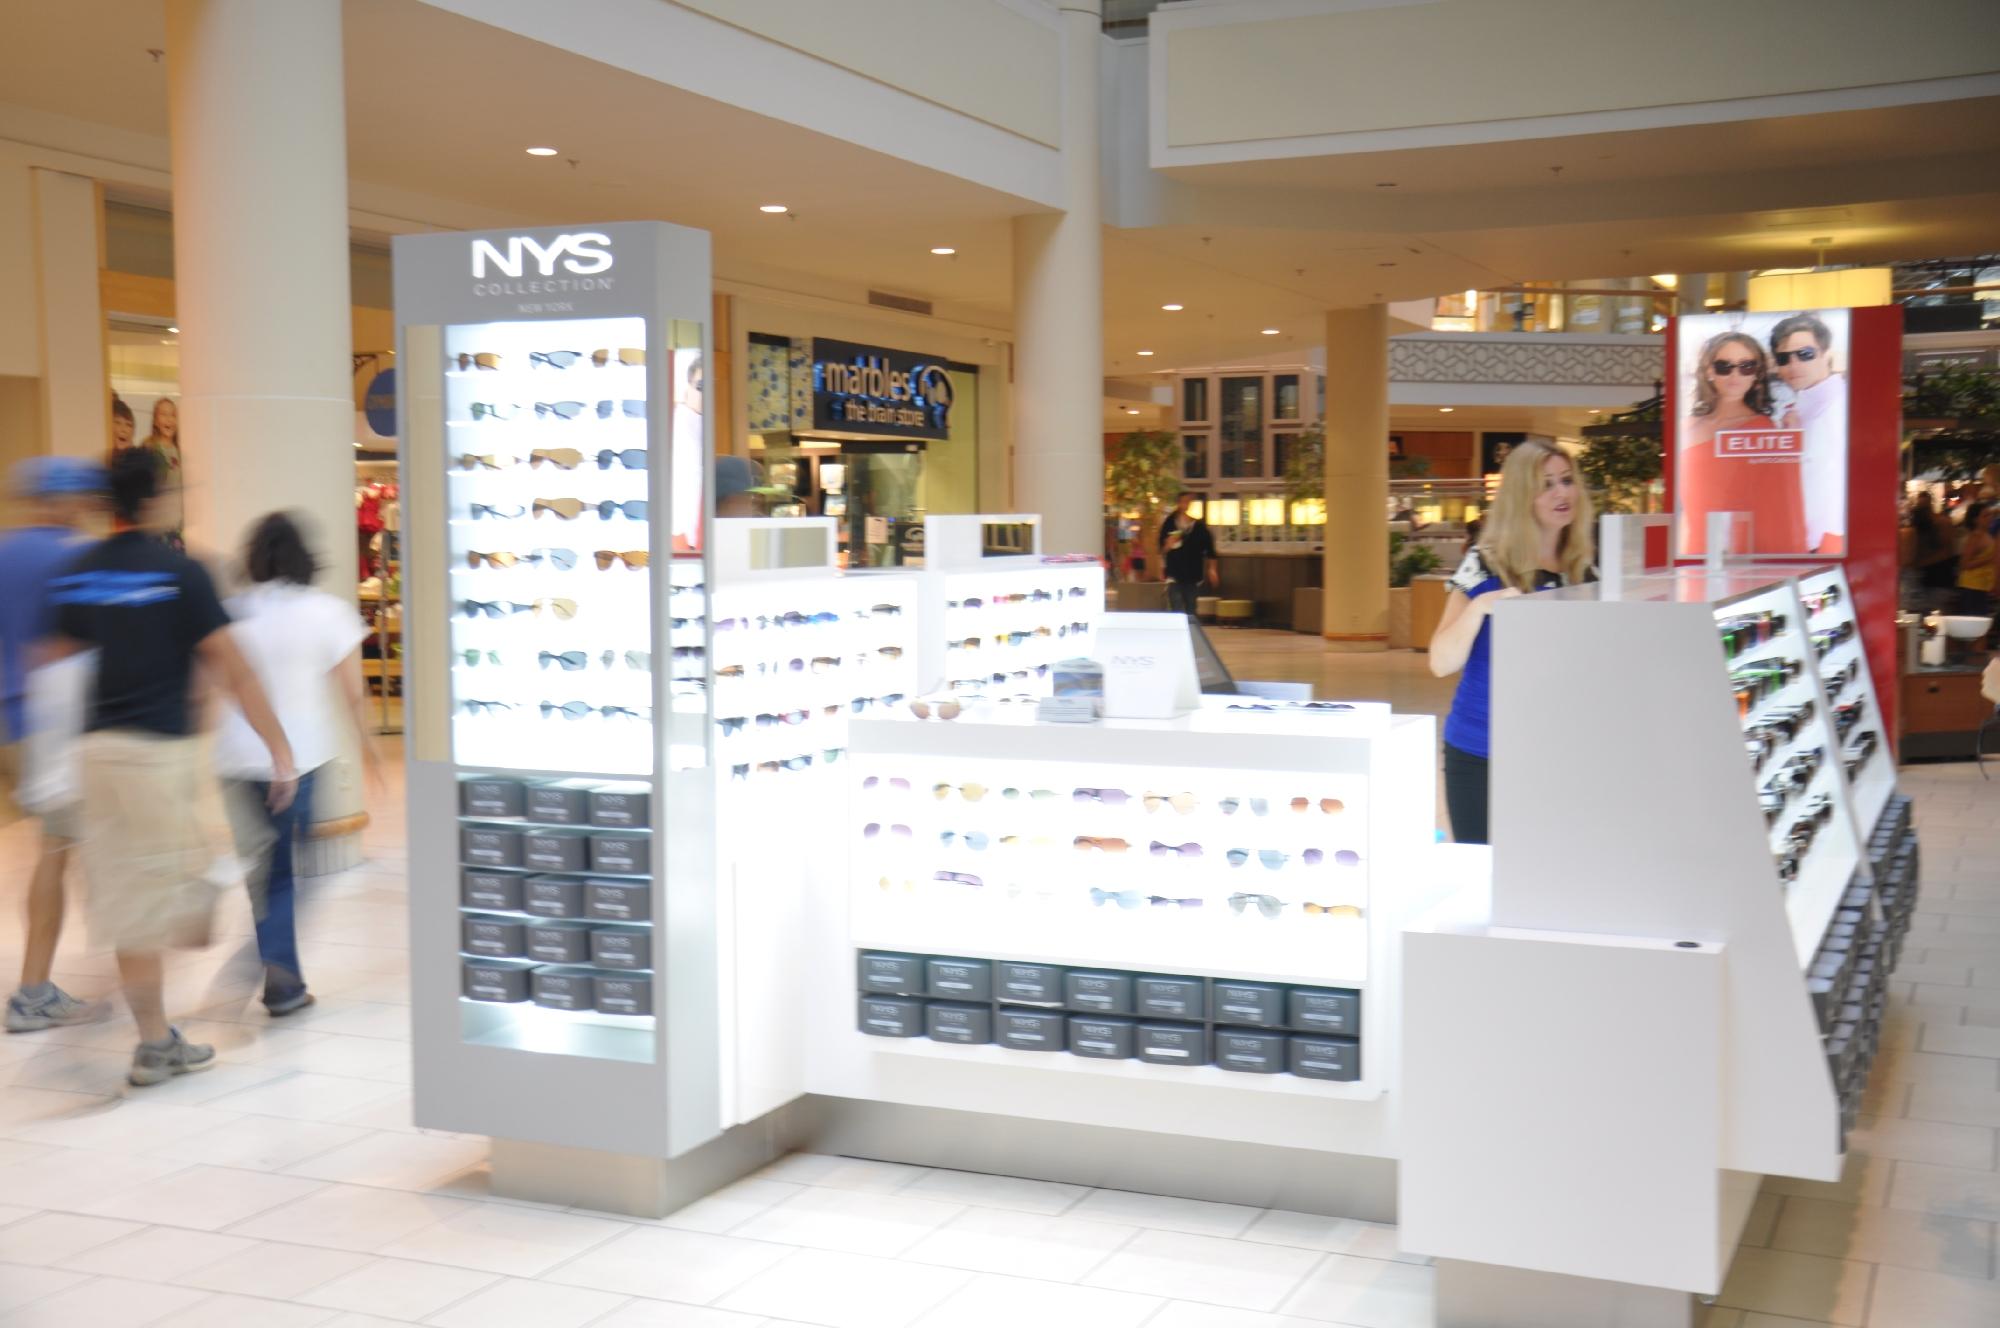 NYS KIOSK Freehold Mall 2012 074__56.jpg